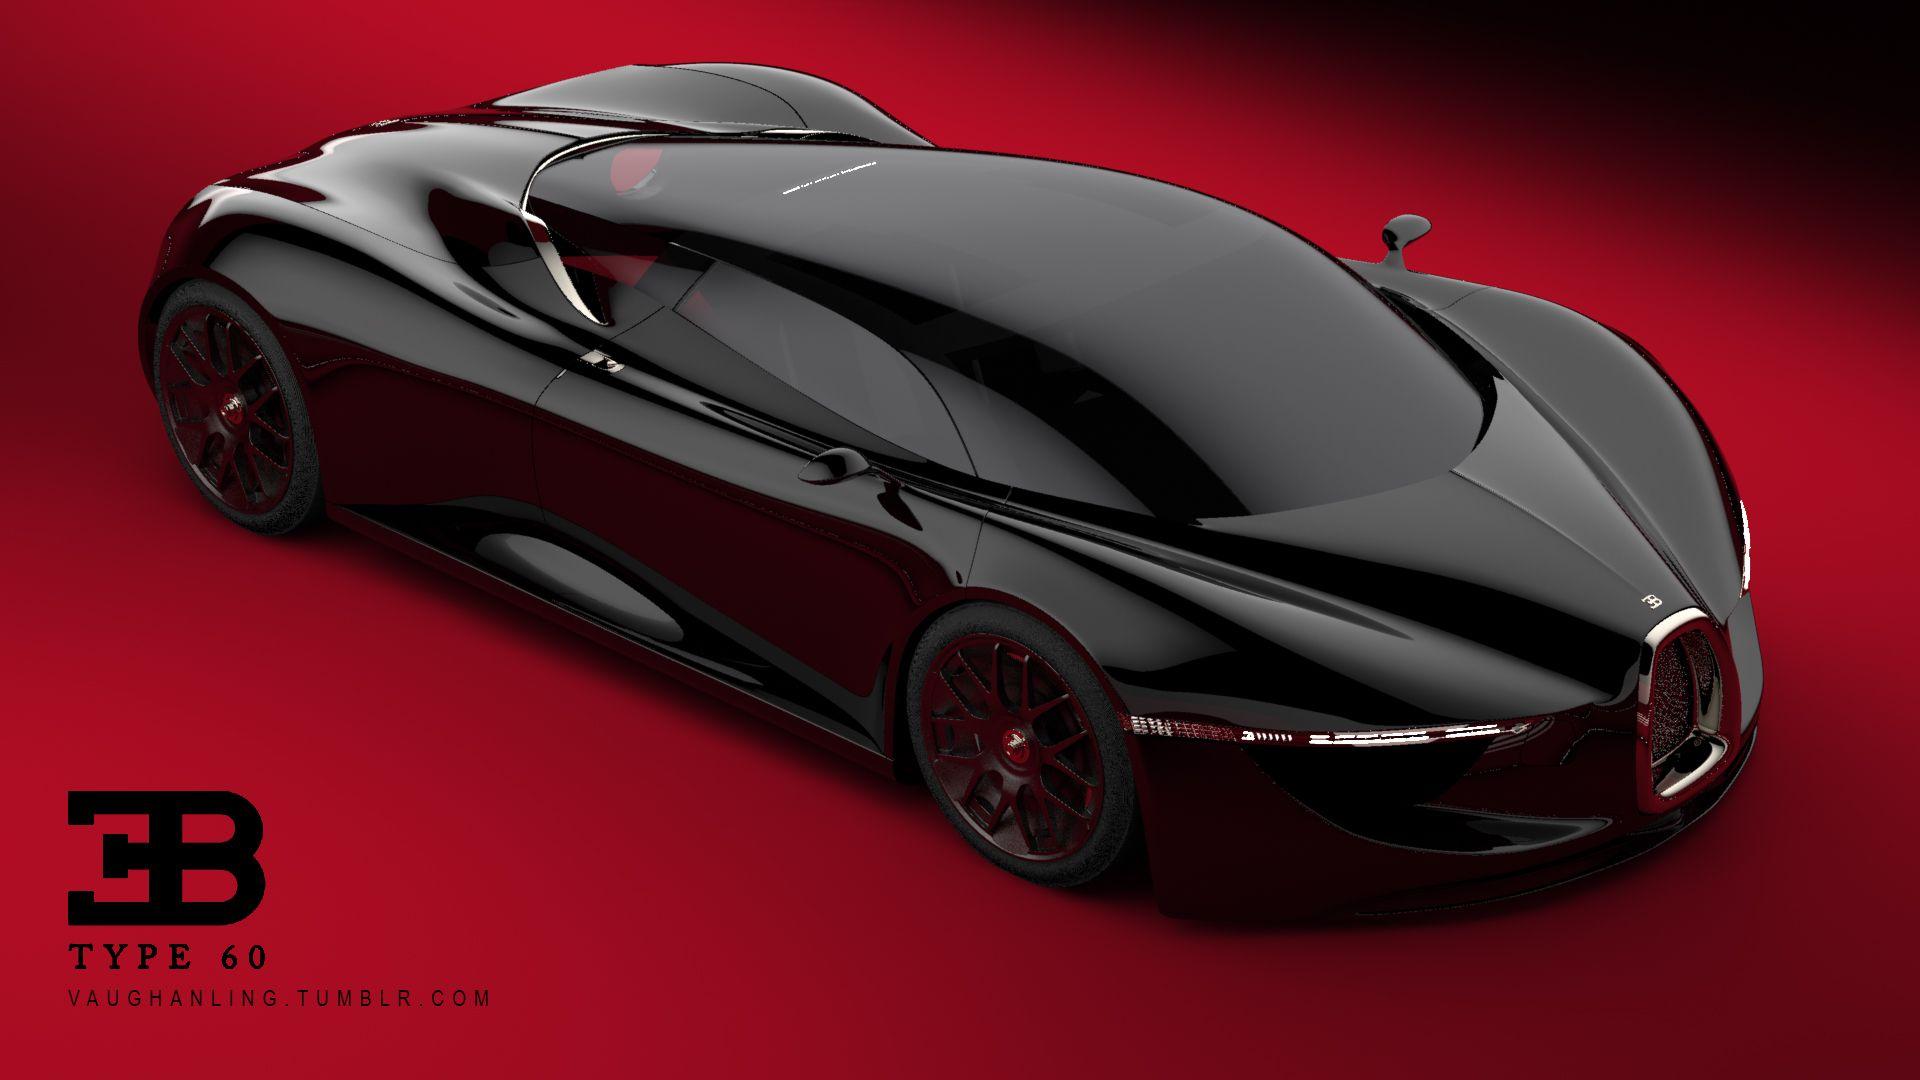 resultado de imagem para cars concept concept cars. Black Bedroom Furniture Sets. Home Design Ideas